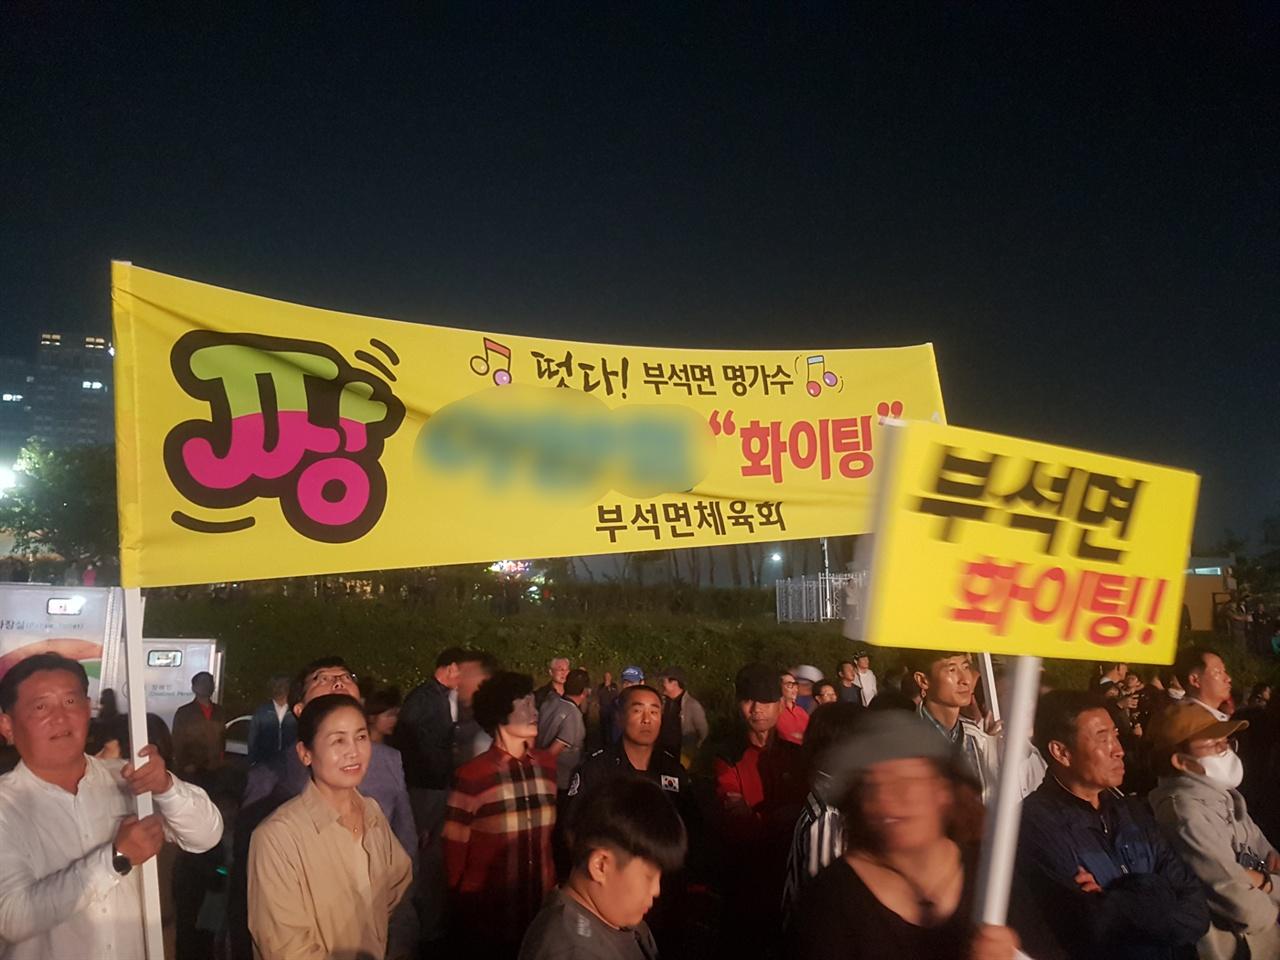 4일 열린 전야제에서는 전국노래자랑 부럽지 않은 서산시 15개 읍·면 ·동 시민들이 참여해 노래자랑이 열렸다.